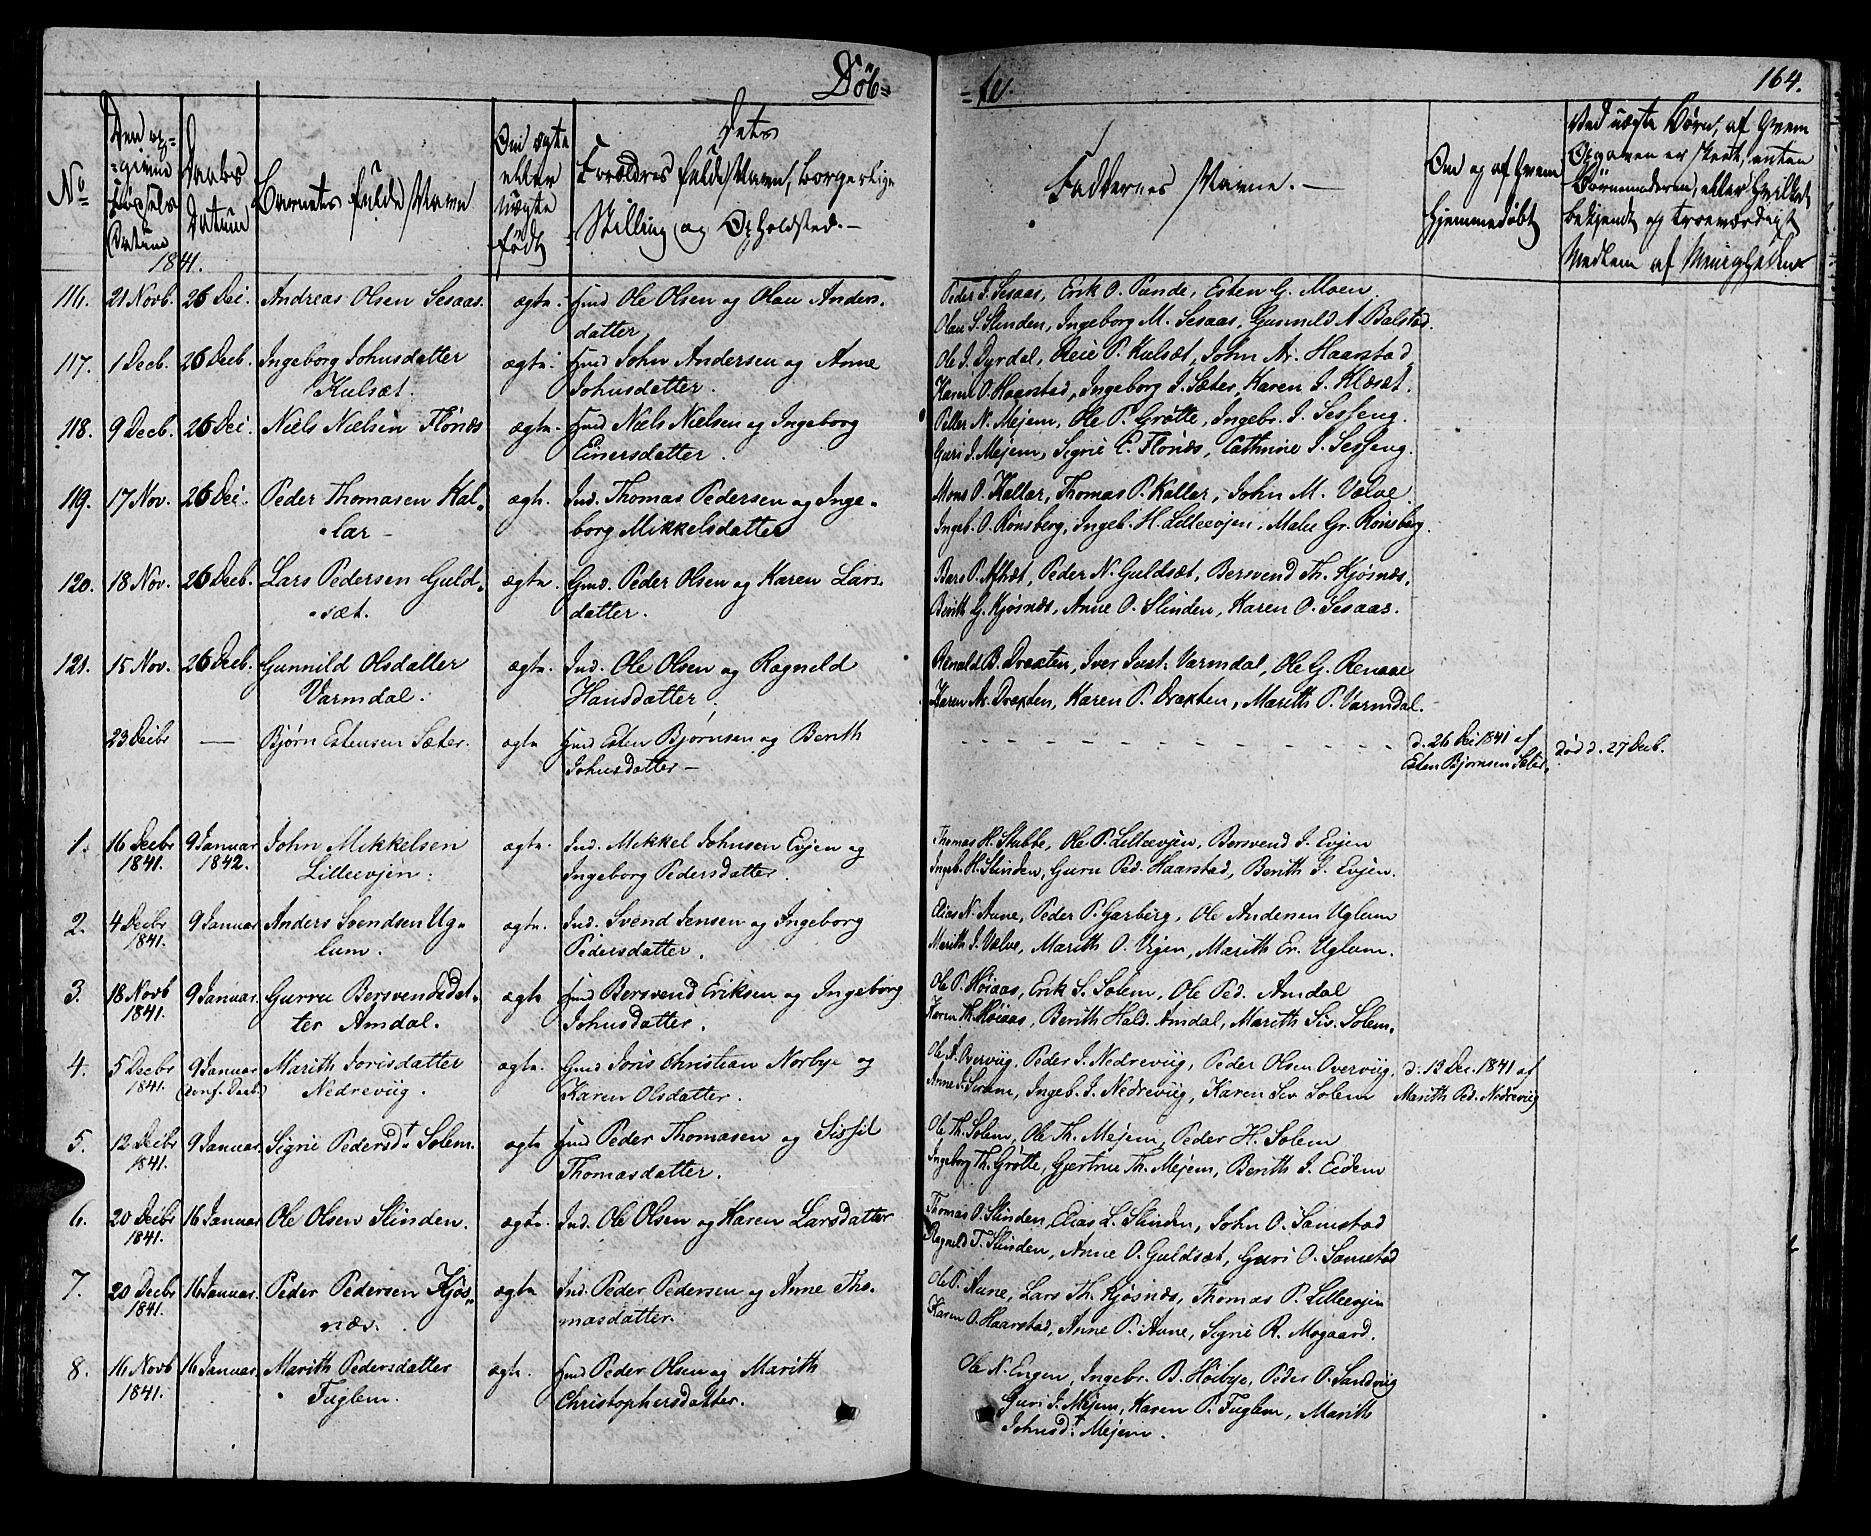 SAT, Ministerialprotokoller, klokkerbøker og fødselsregistre - Sør-Trøndelag, 695/L1143: Ministerialbok nr. 695A05 /1, 1824-1842, s. 164